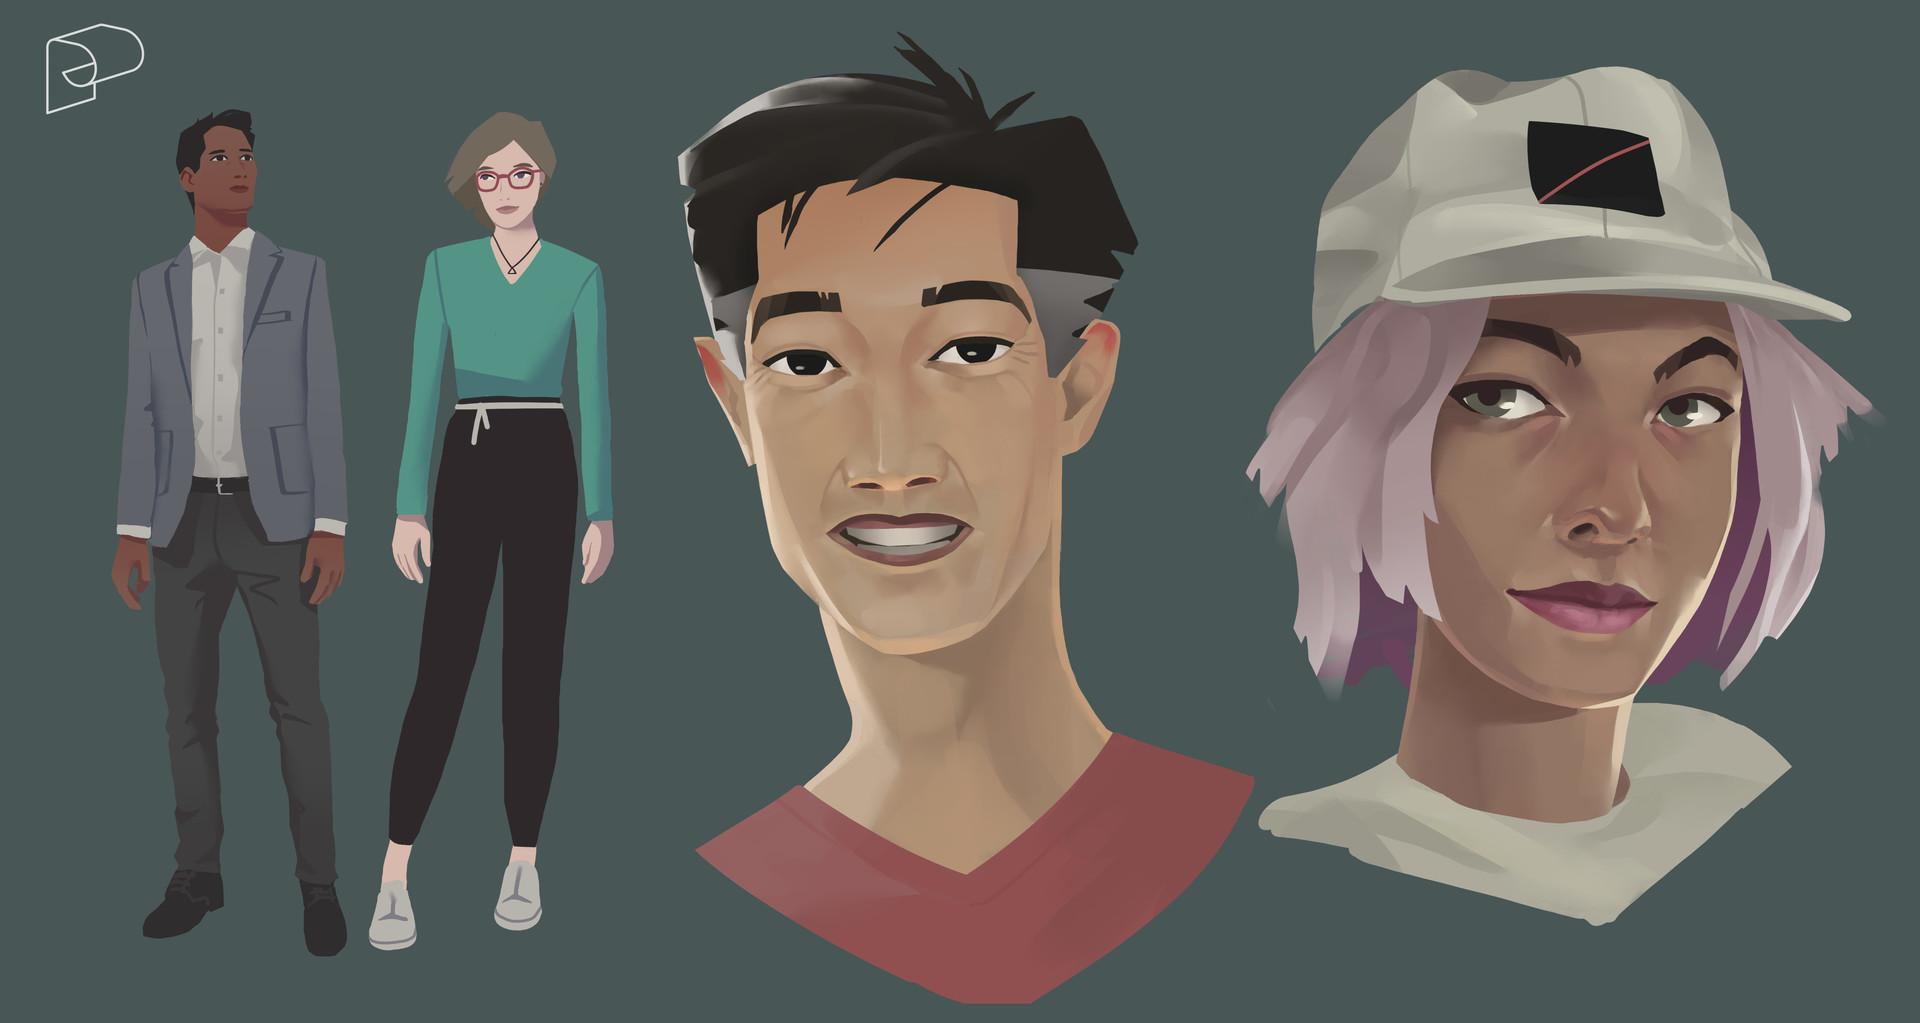 Izaak moody project eridu avatars